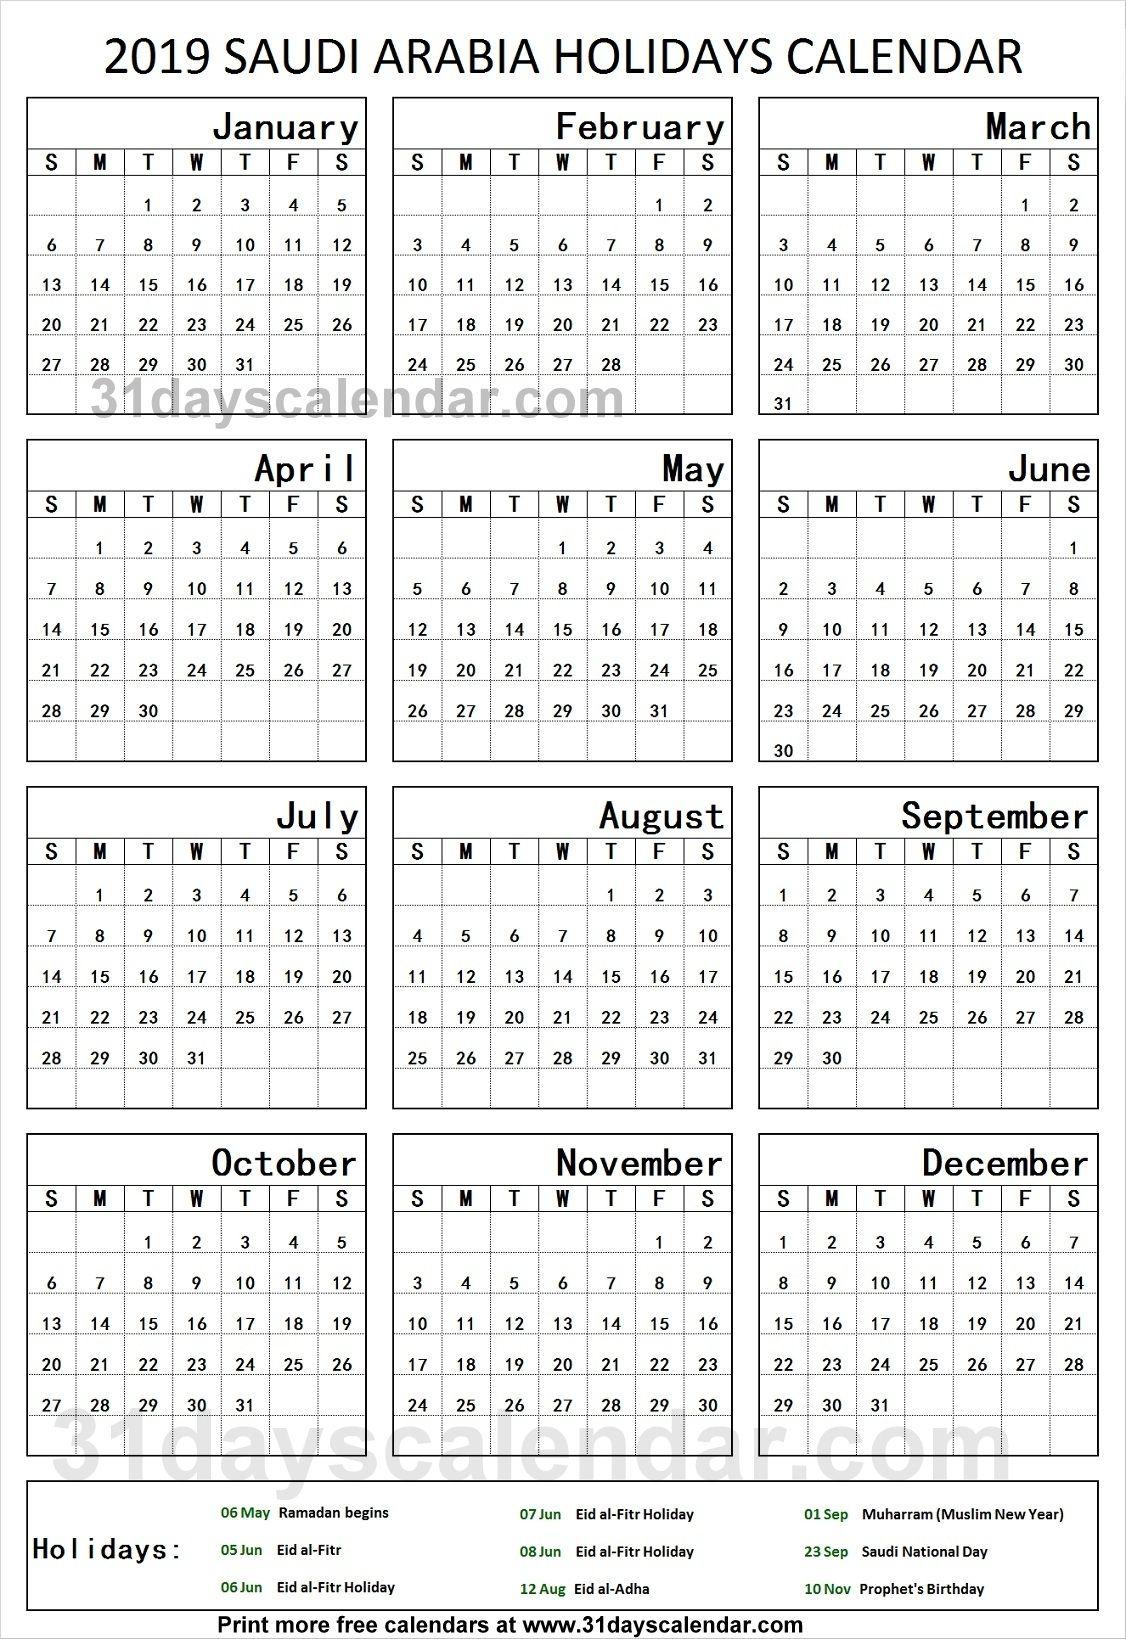 Saudi Arabia National Holidays 2019 Calendar 2019 Saudi Arabia Dowload In 2020 Holiday Calendar National Holiday Calendar Holiday Calendar Printable